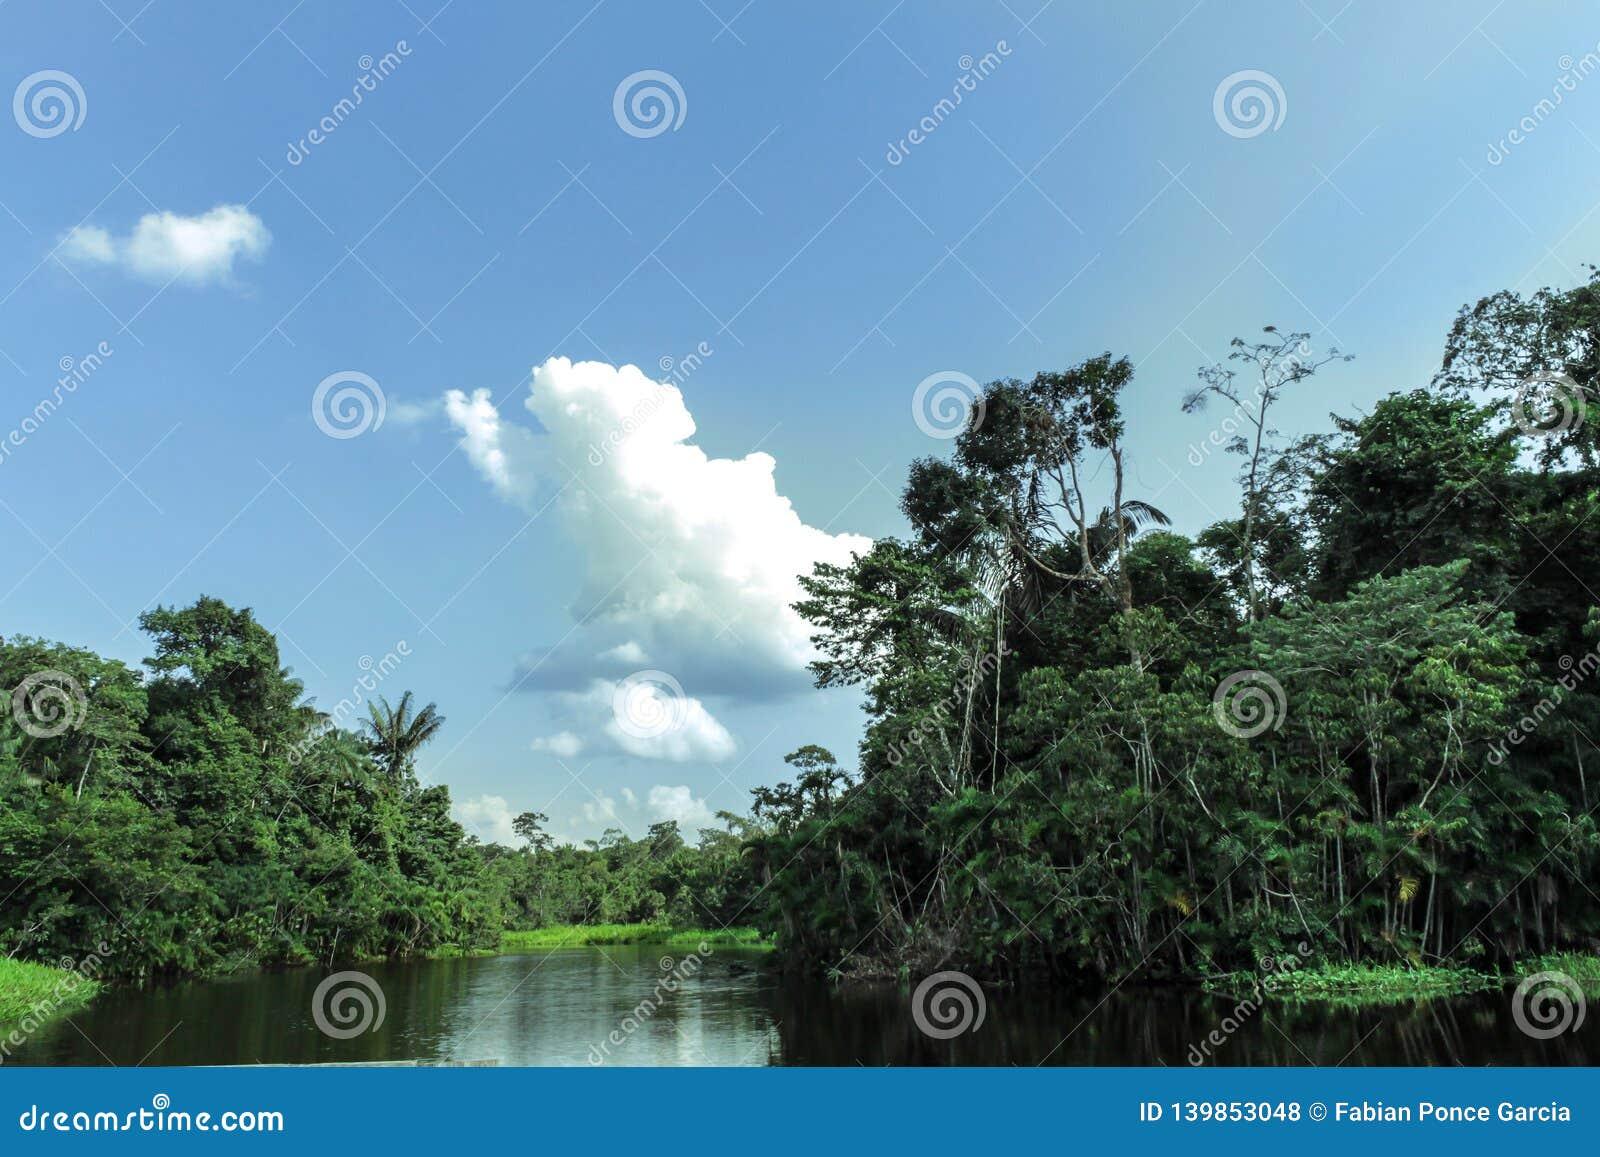 Rio no meio das Amazonas com vegetação abundante